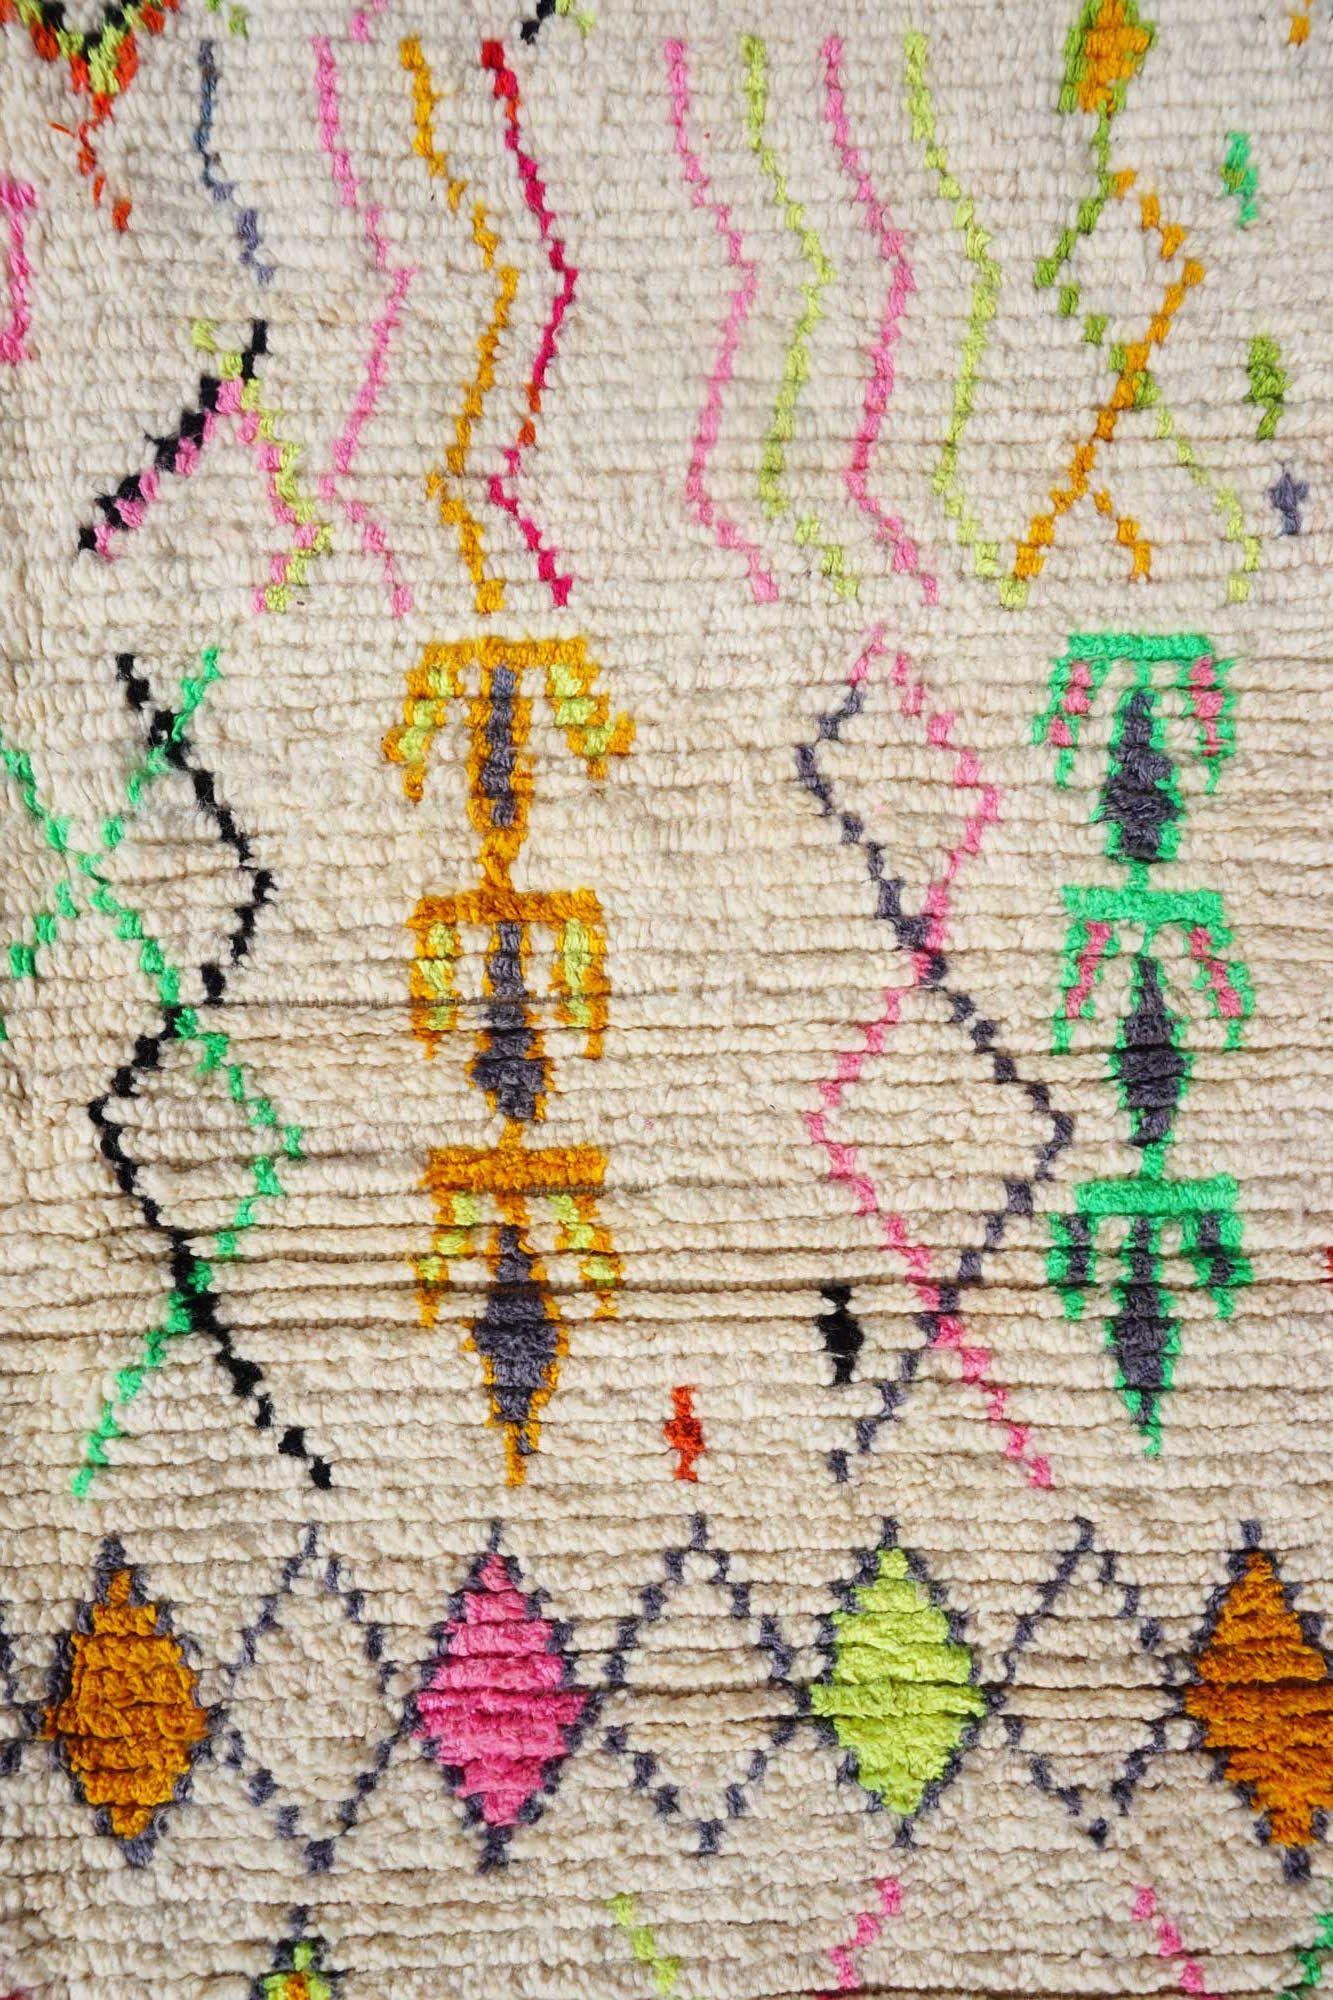 Tapis Berbere Azilal Tapis Berbere Pastel Tapis Berbere Fluo Tapis Berbere En Laine Tapis Du Maroc Fait A La Tapis Berbere Laine Tapis Boheme Tapis Azilal